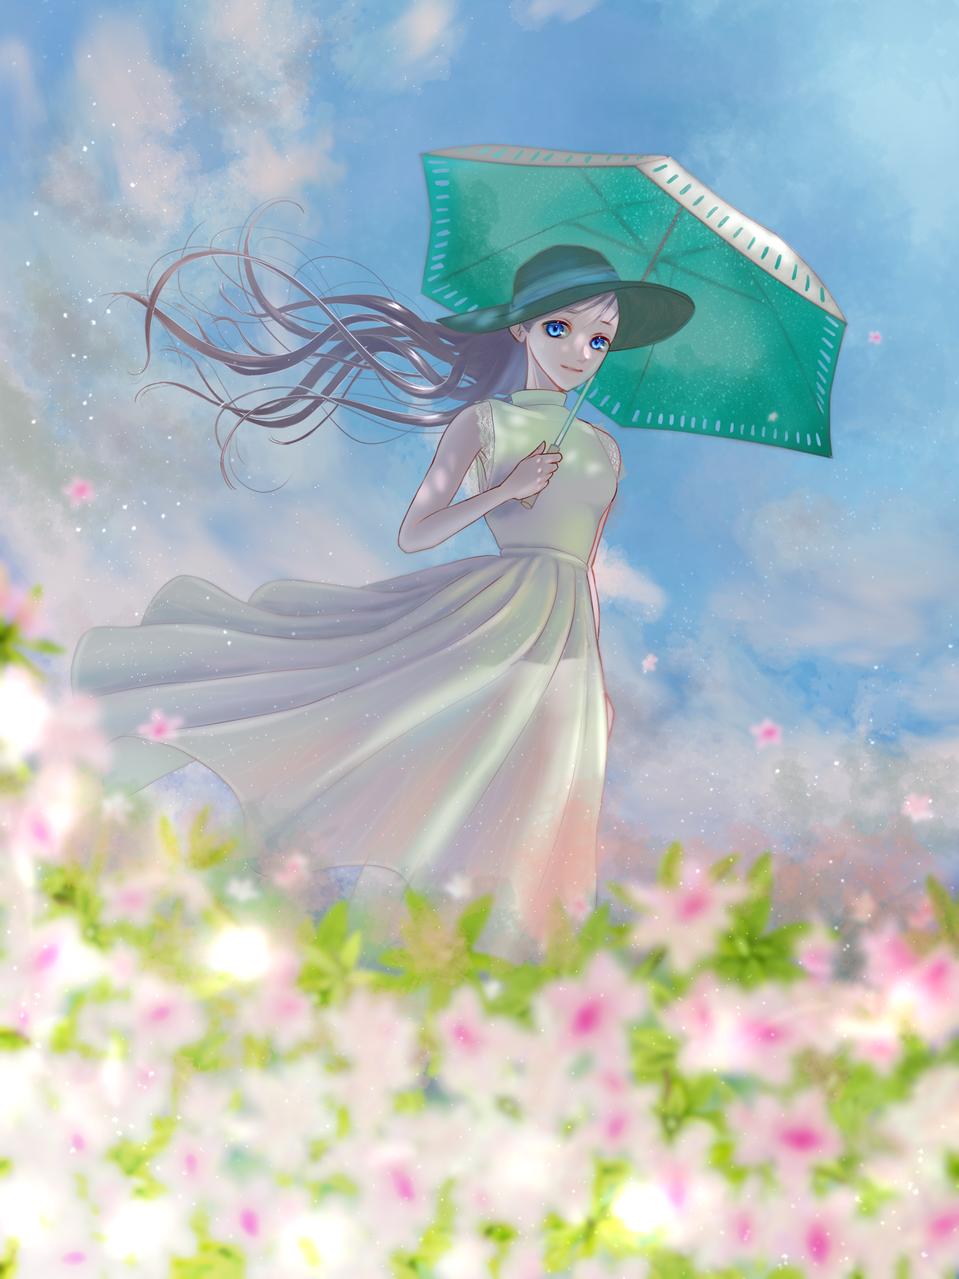 つつじの季節 Illust of FJ April2021_Flower flower girl モネ オマージュ kawaii umbrella